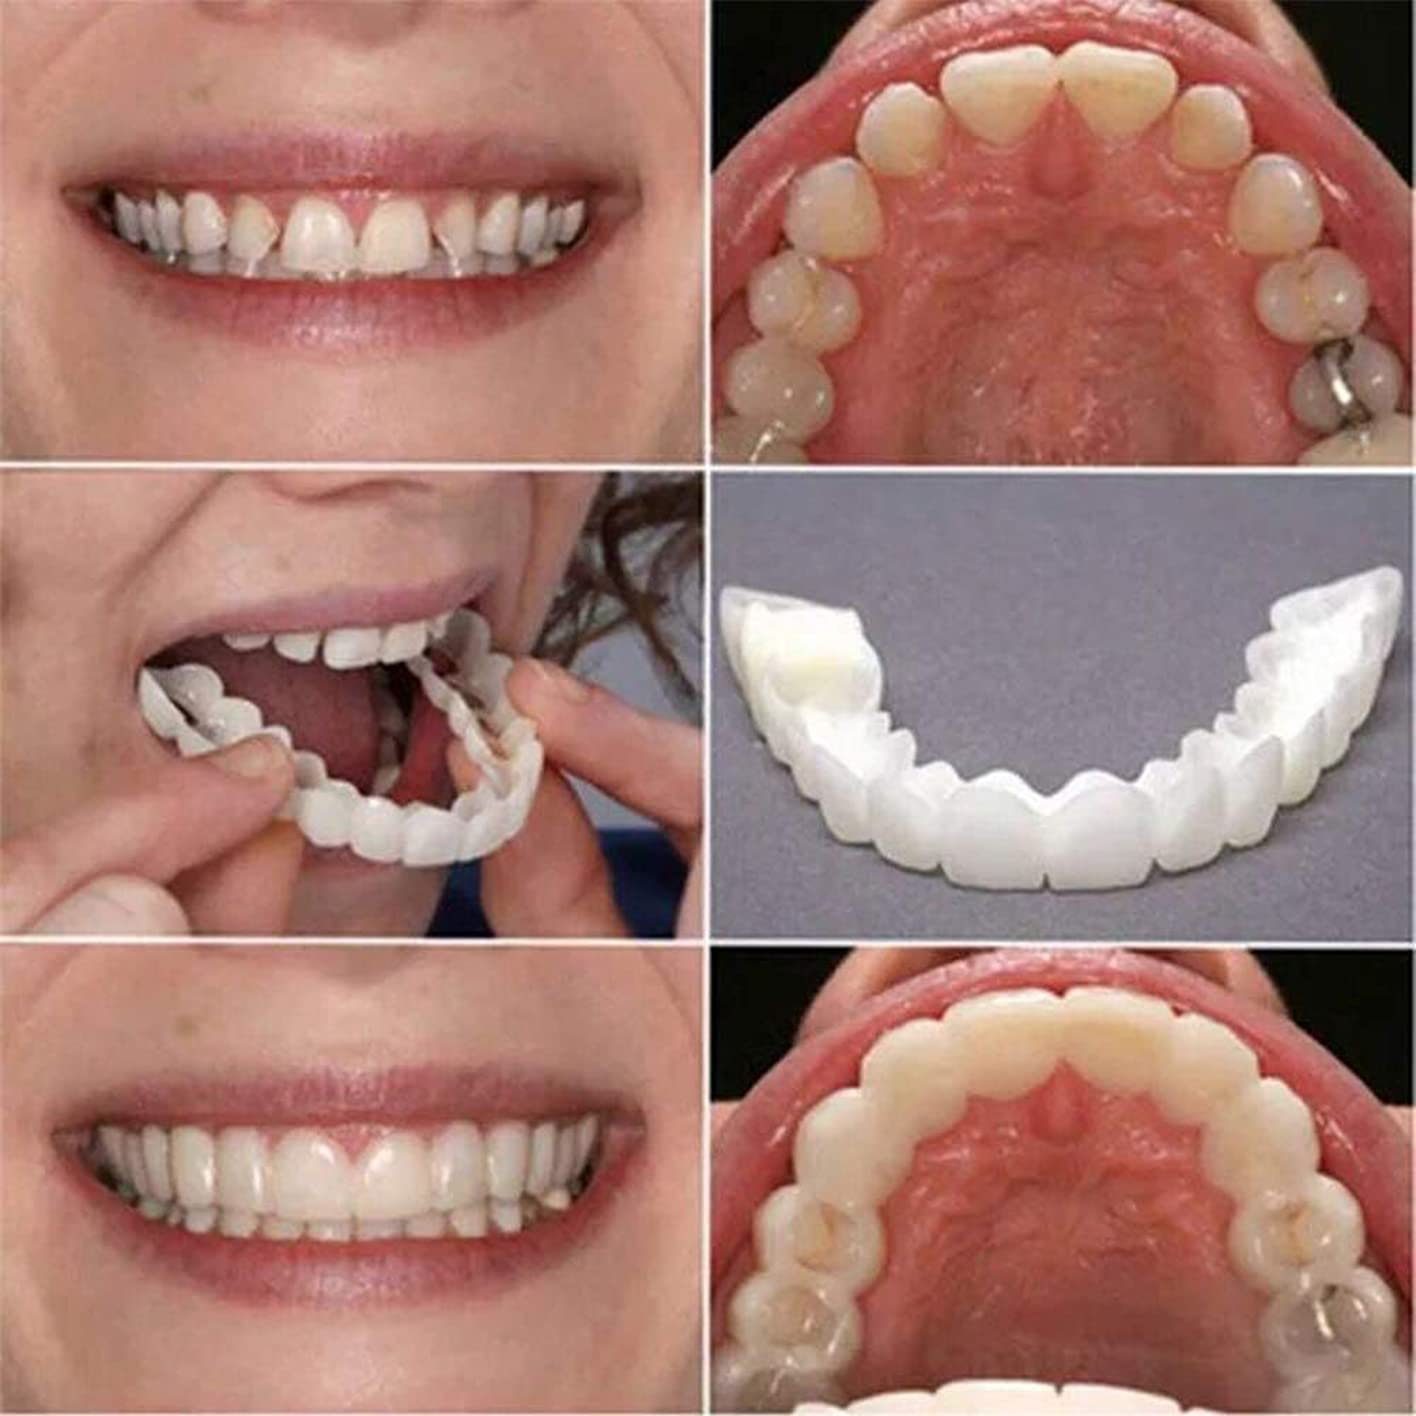 弱い電気陽性彼女2個の歯ピースフィッティング快適なフィット歯のソケット義歯口腔用品矯正アクセティース 笑顔を保つ